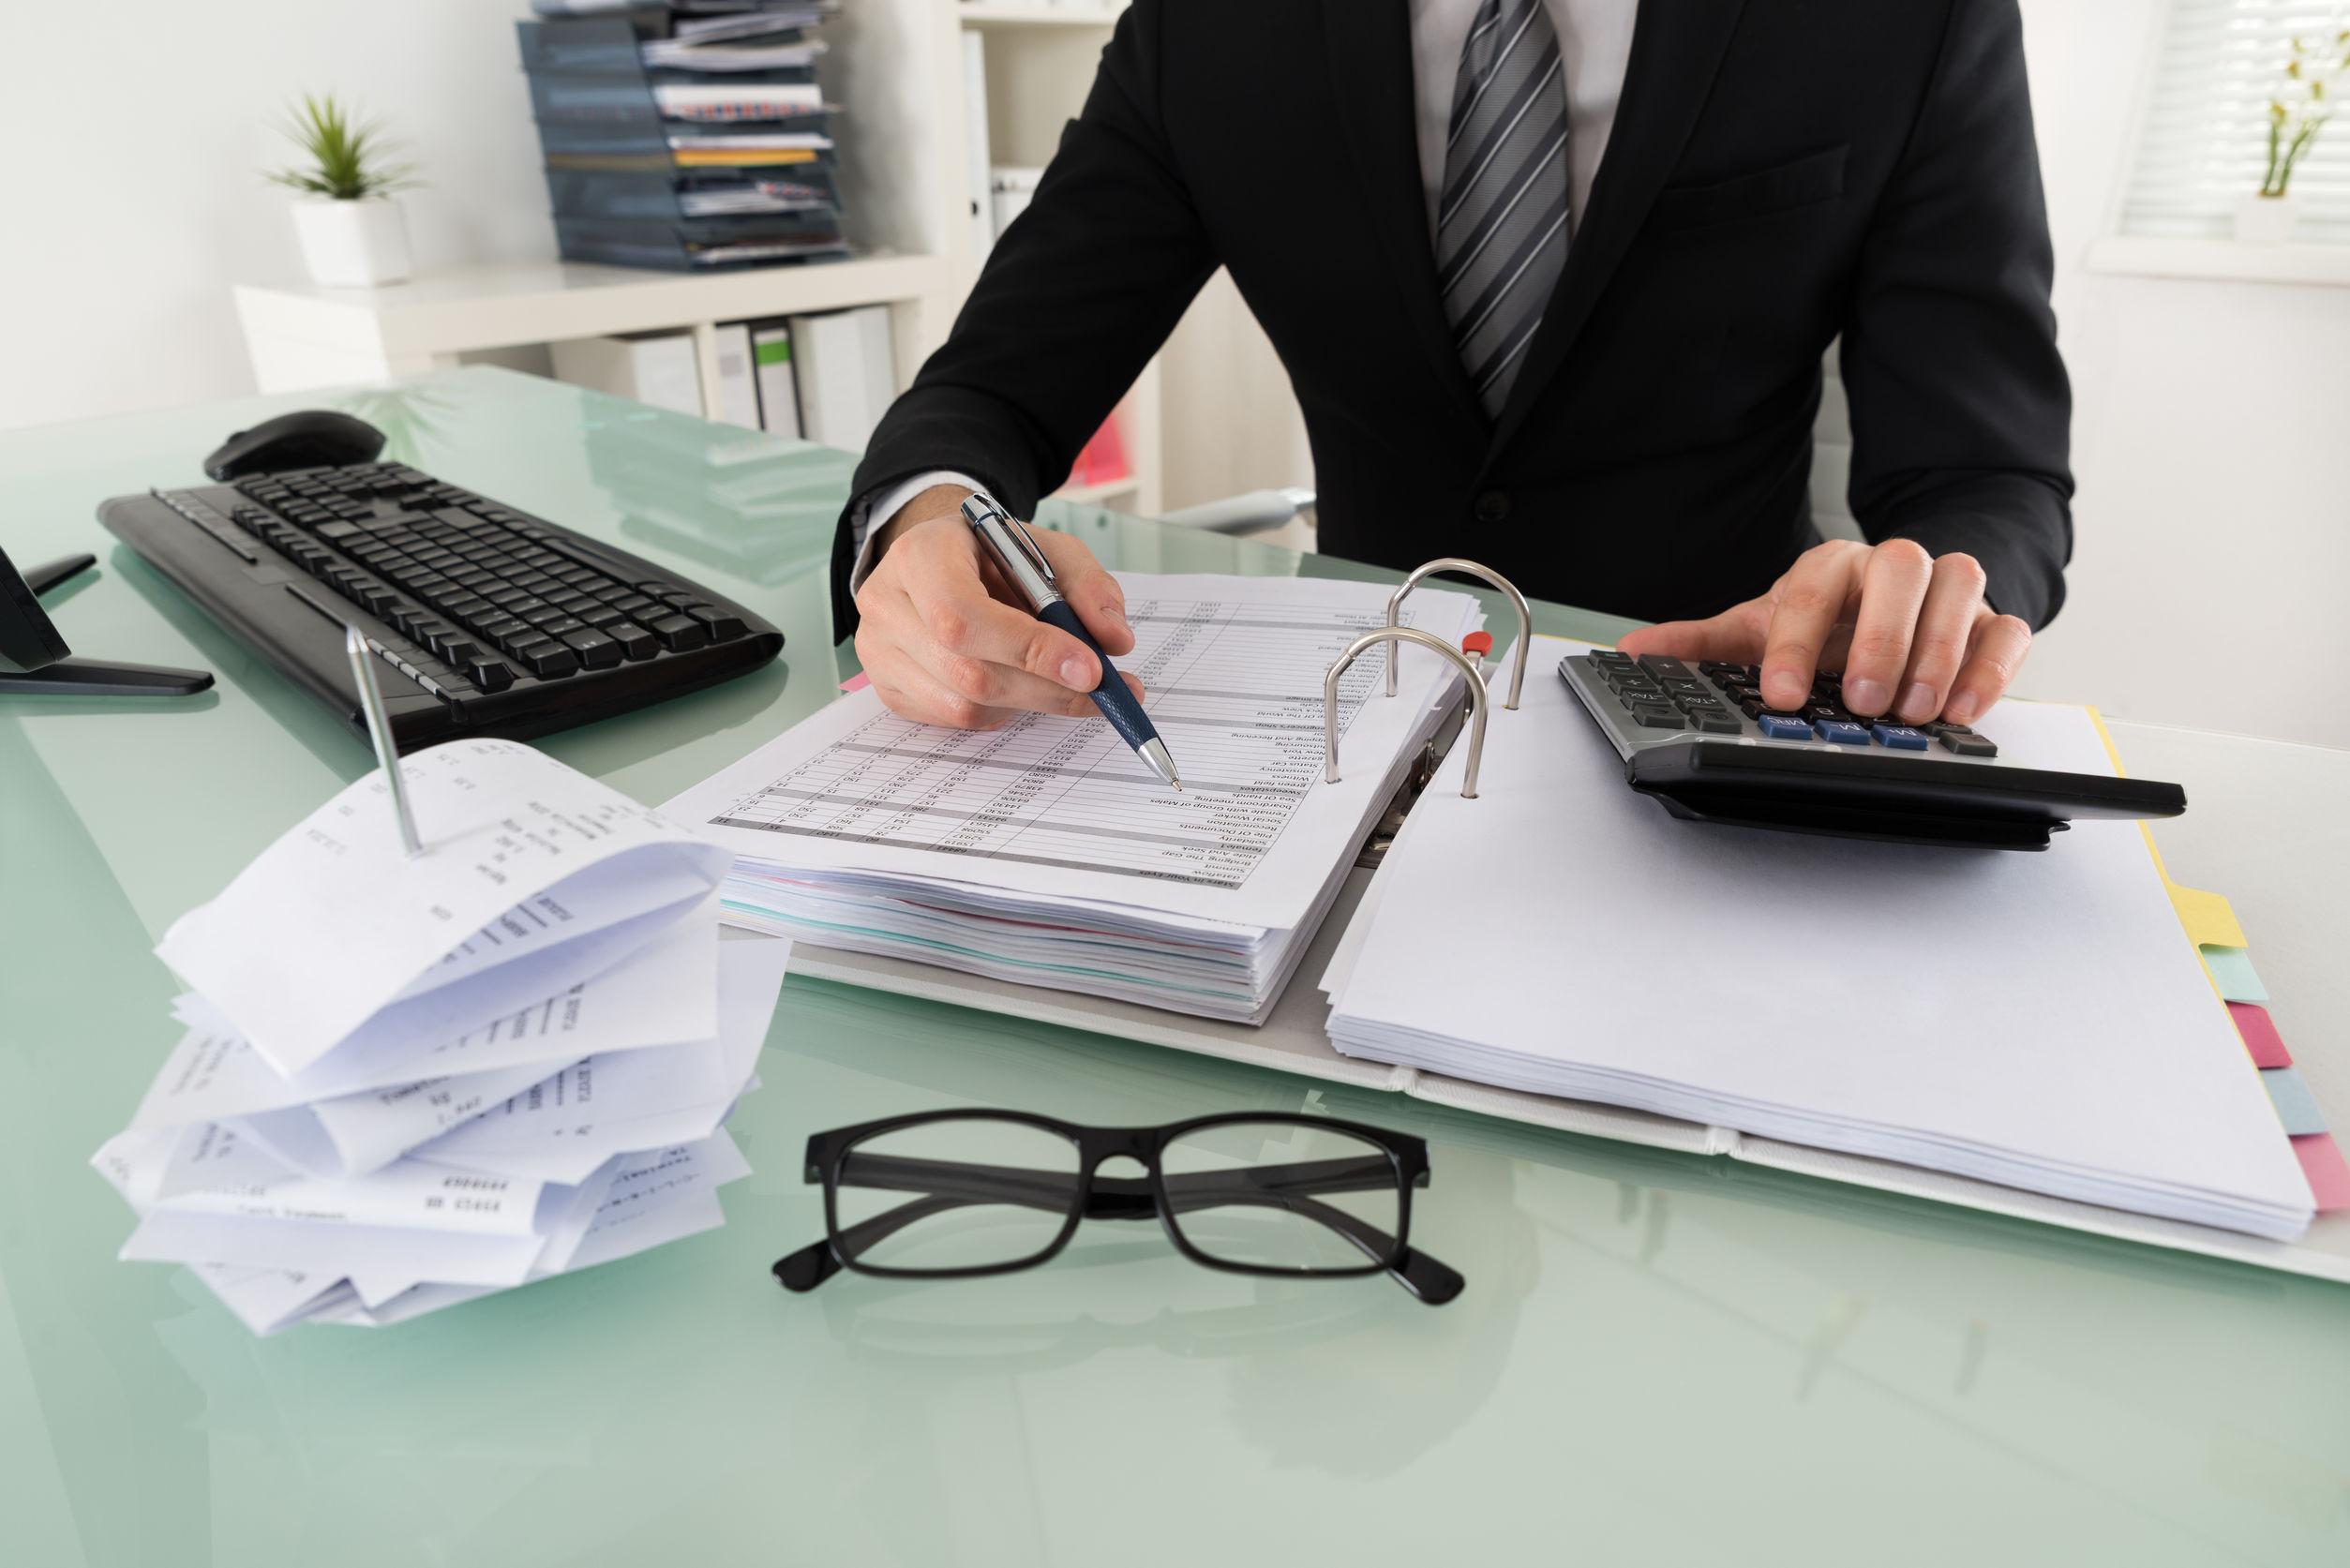 MEDIAFAX prezintă cum se vor schimba legile la data de 1 ianuarie 2018. Reguli NOI pentru firme şi pentru cei care realizează venituri anul viitor